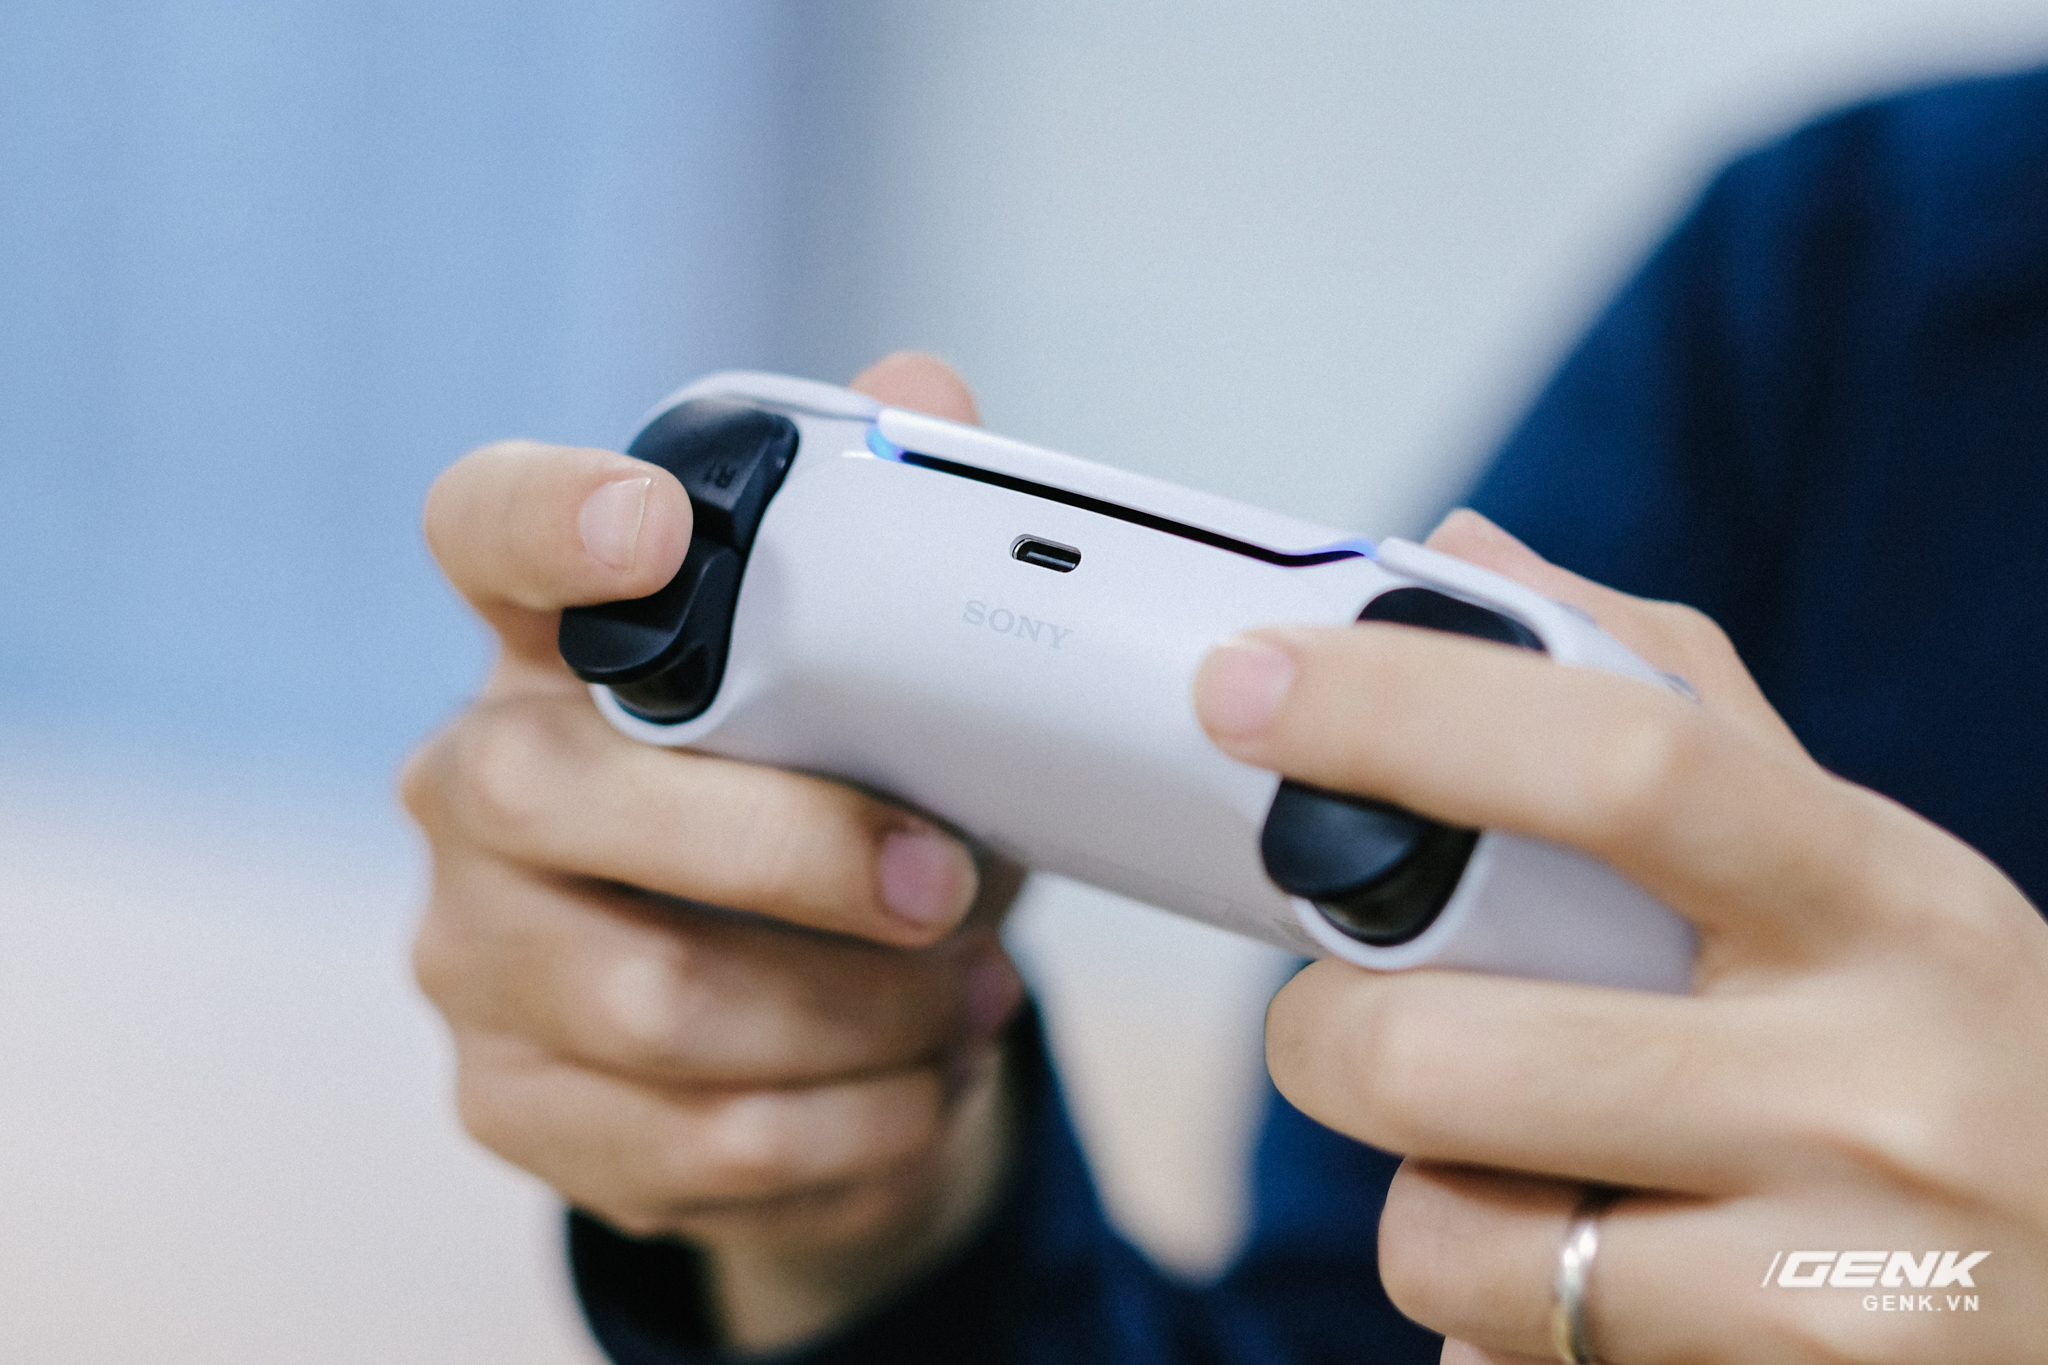 Mở hộp Playstation 5 chính hãng bán tại VN: Cấu hình mạnh, tay cầm xịn, mỗi tội phải mua bia kèm lạc - Ảnh 14.